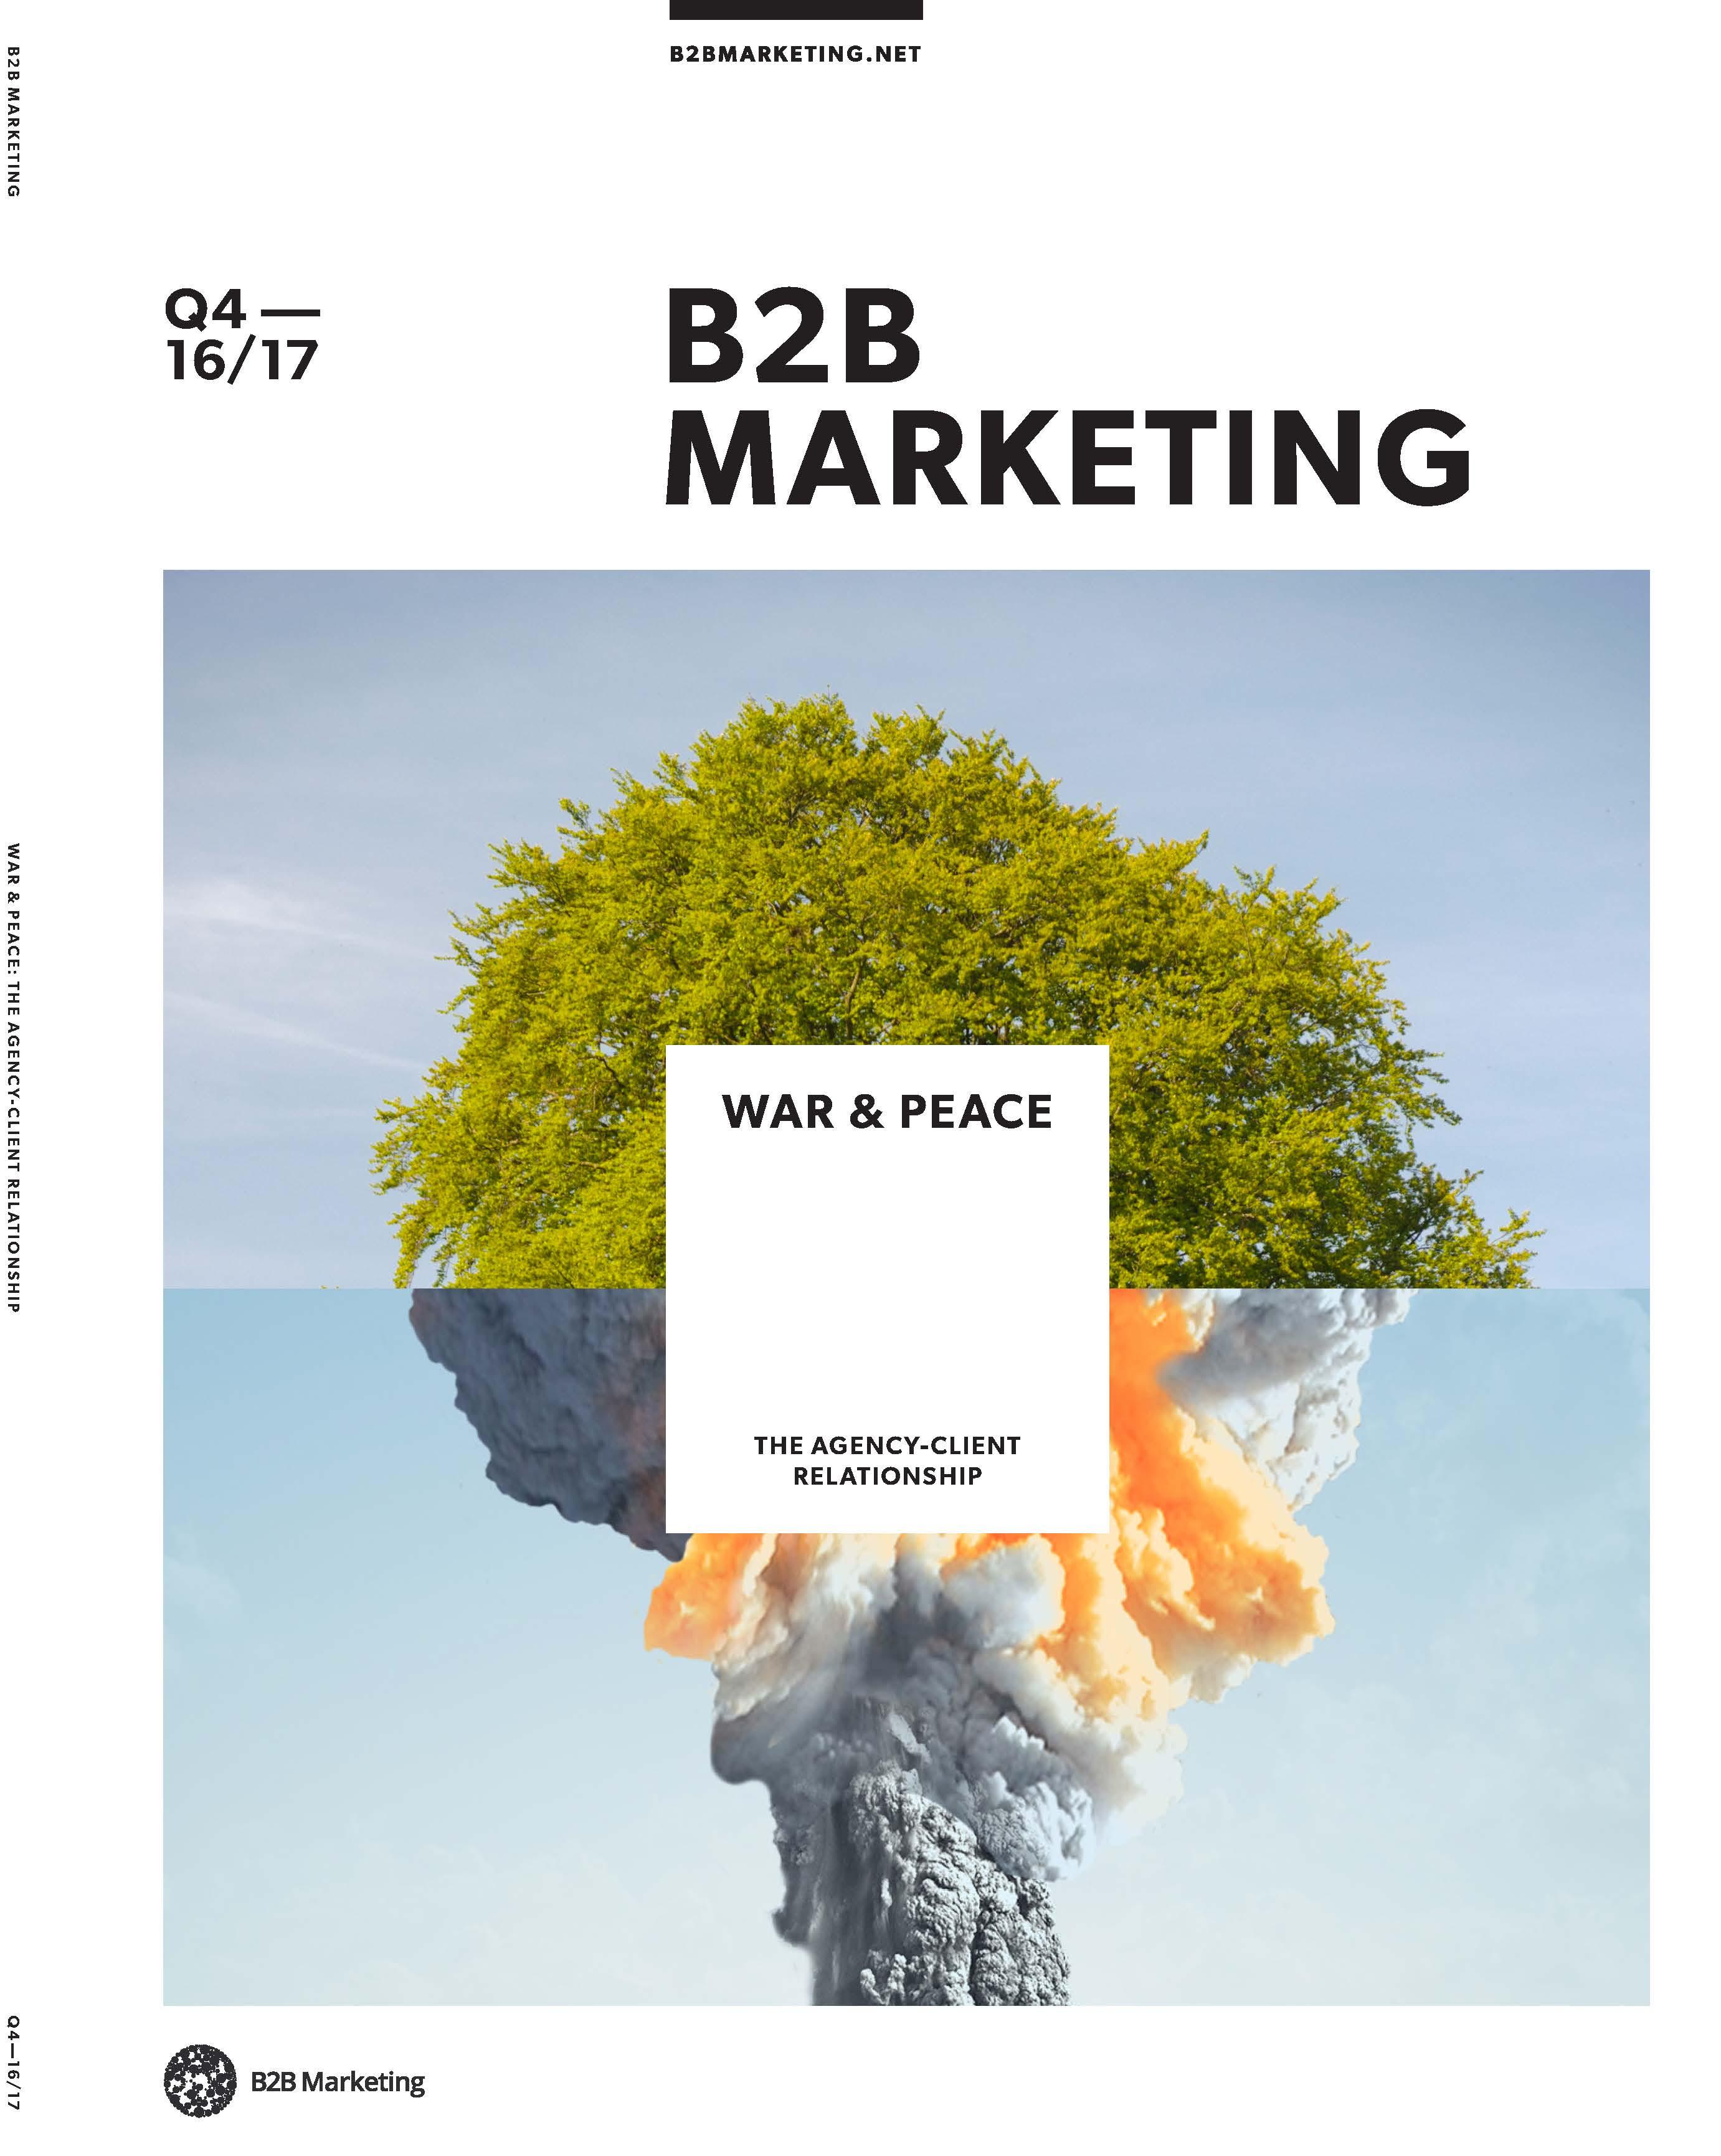 Q4 cover